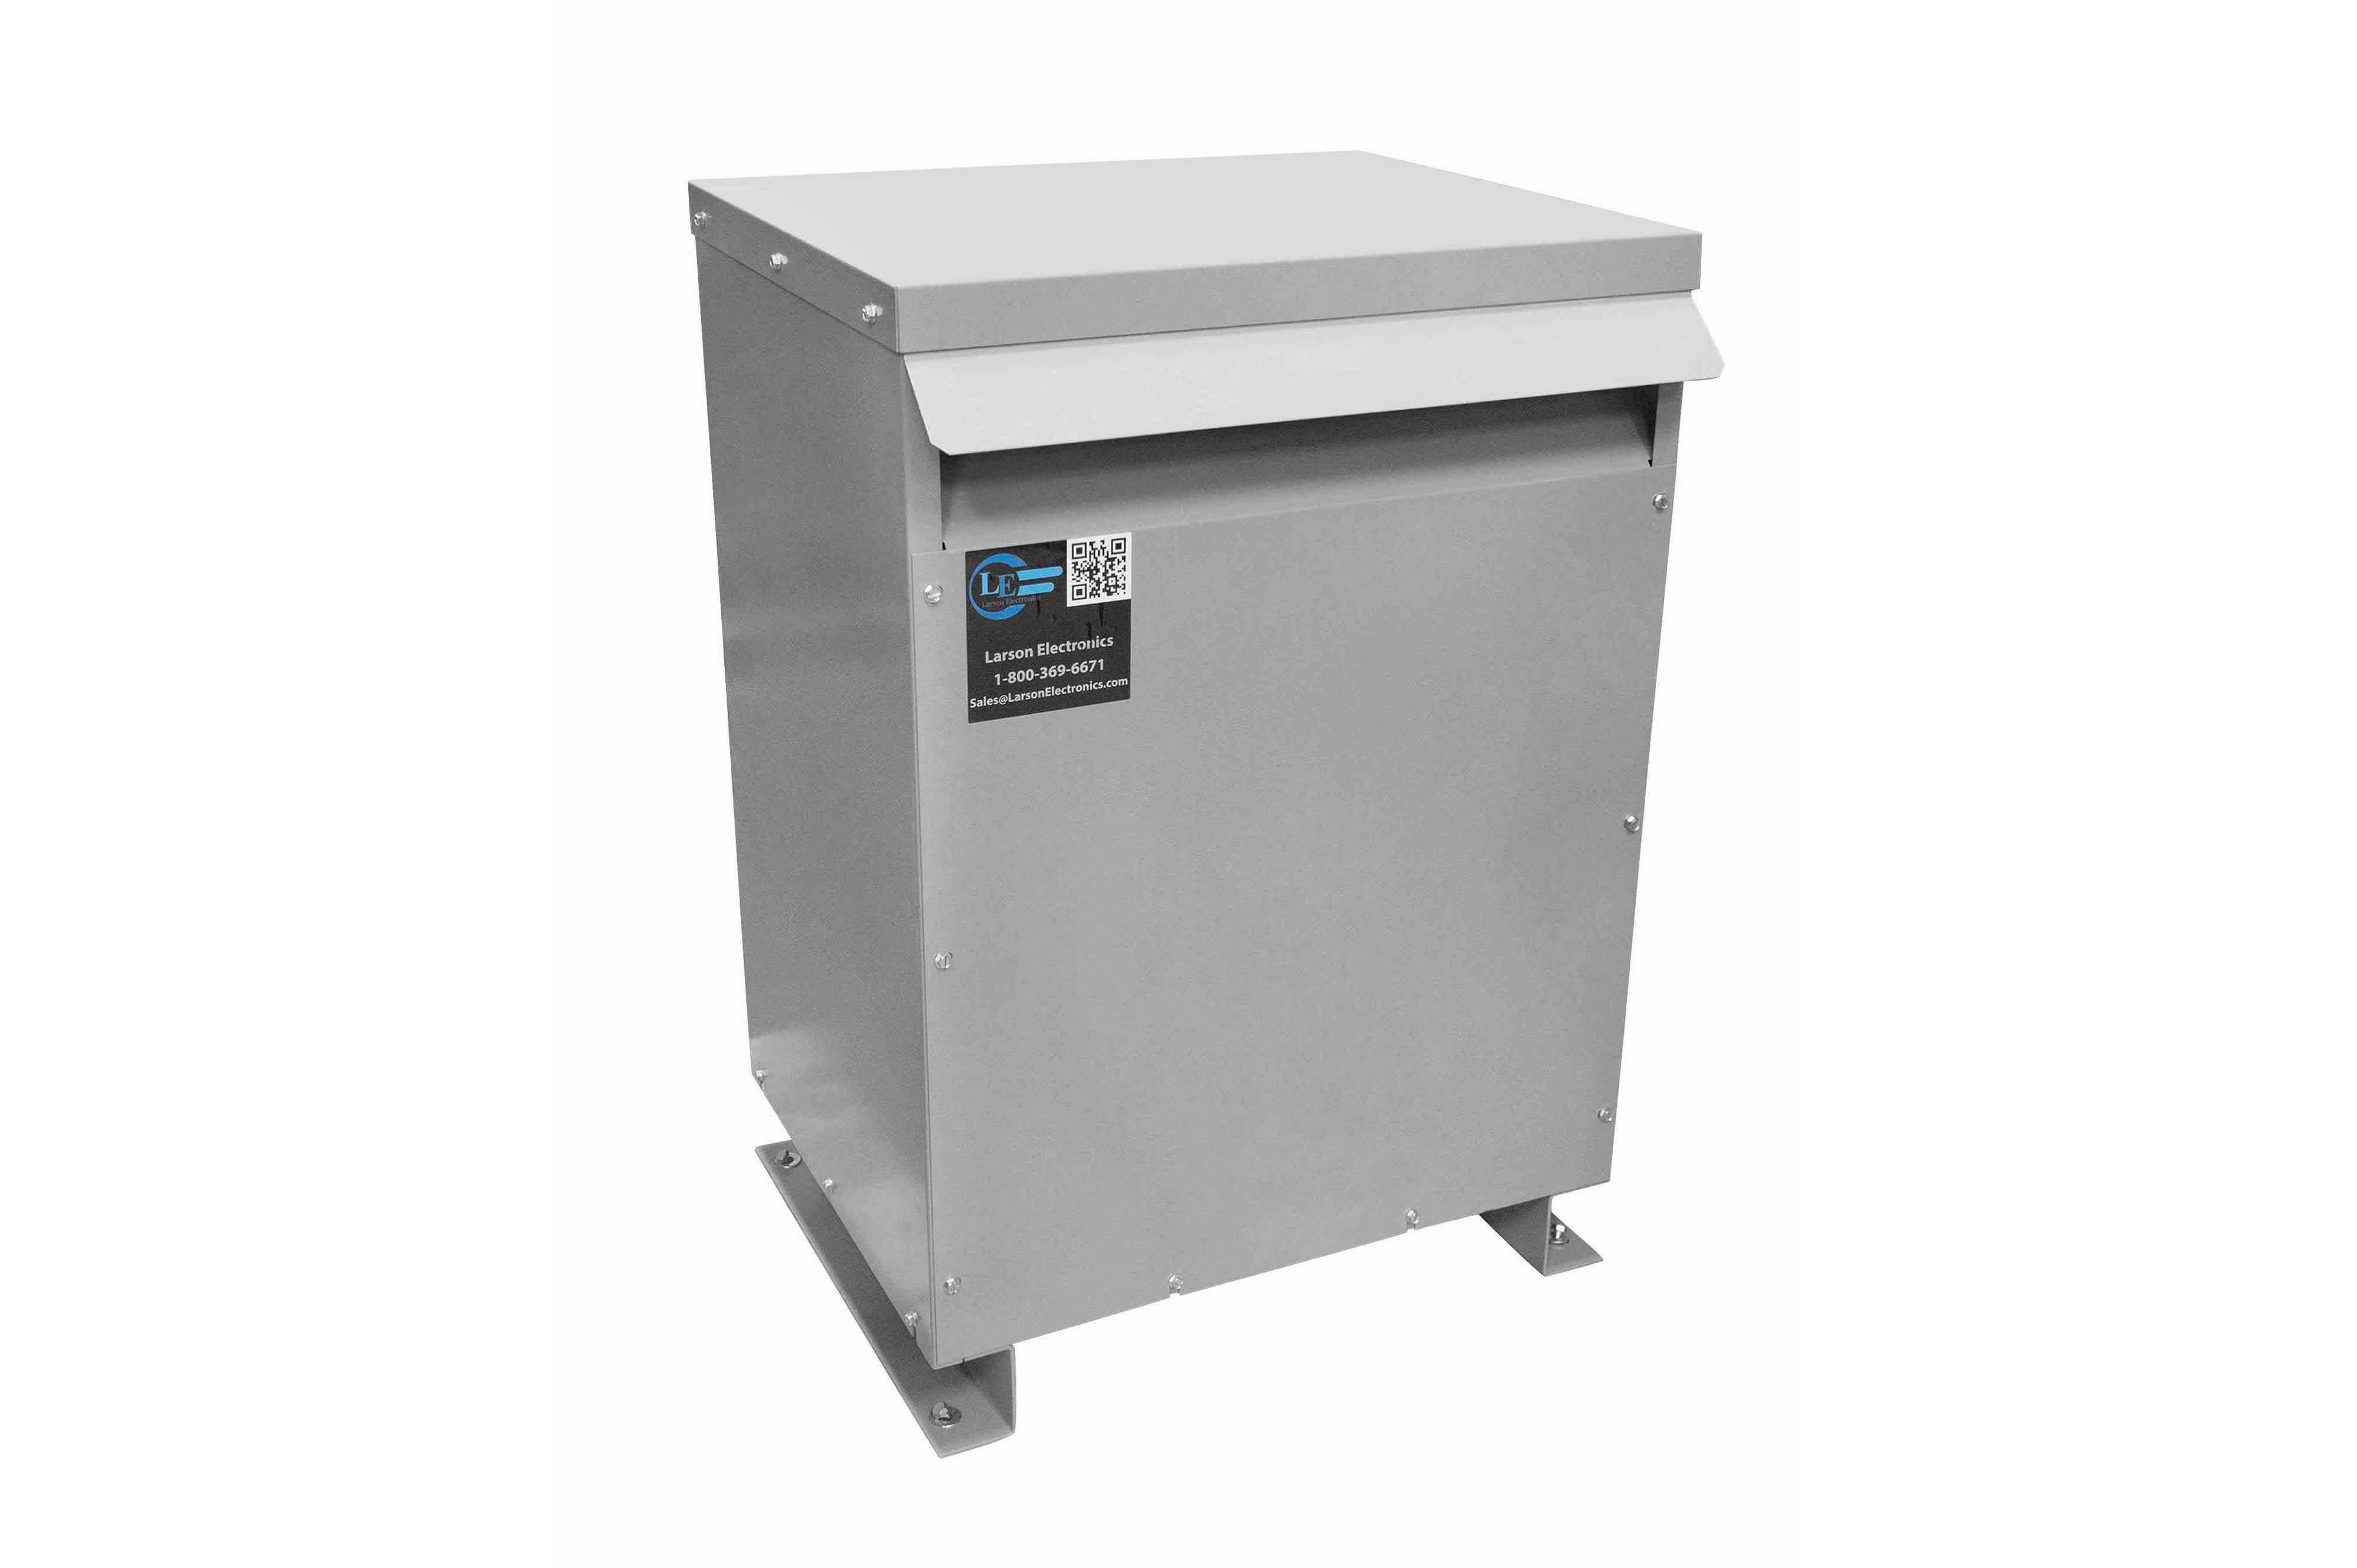 65 kVA 3PH Isolation Transformer, 208V Delta Primary, 415V Delta Secondary, N3R, Ventilated, 60 Hz